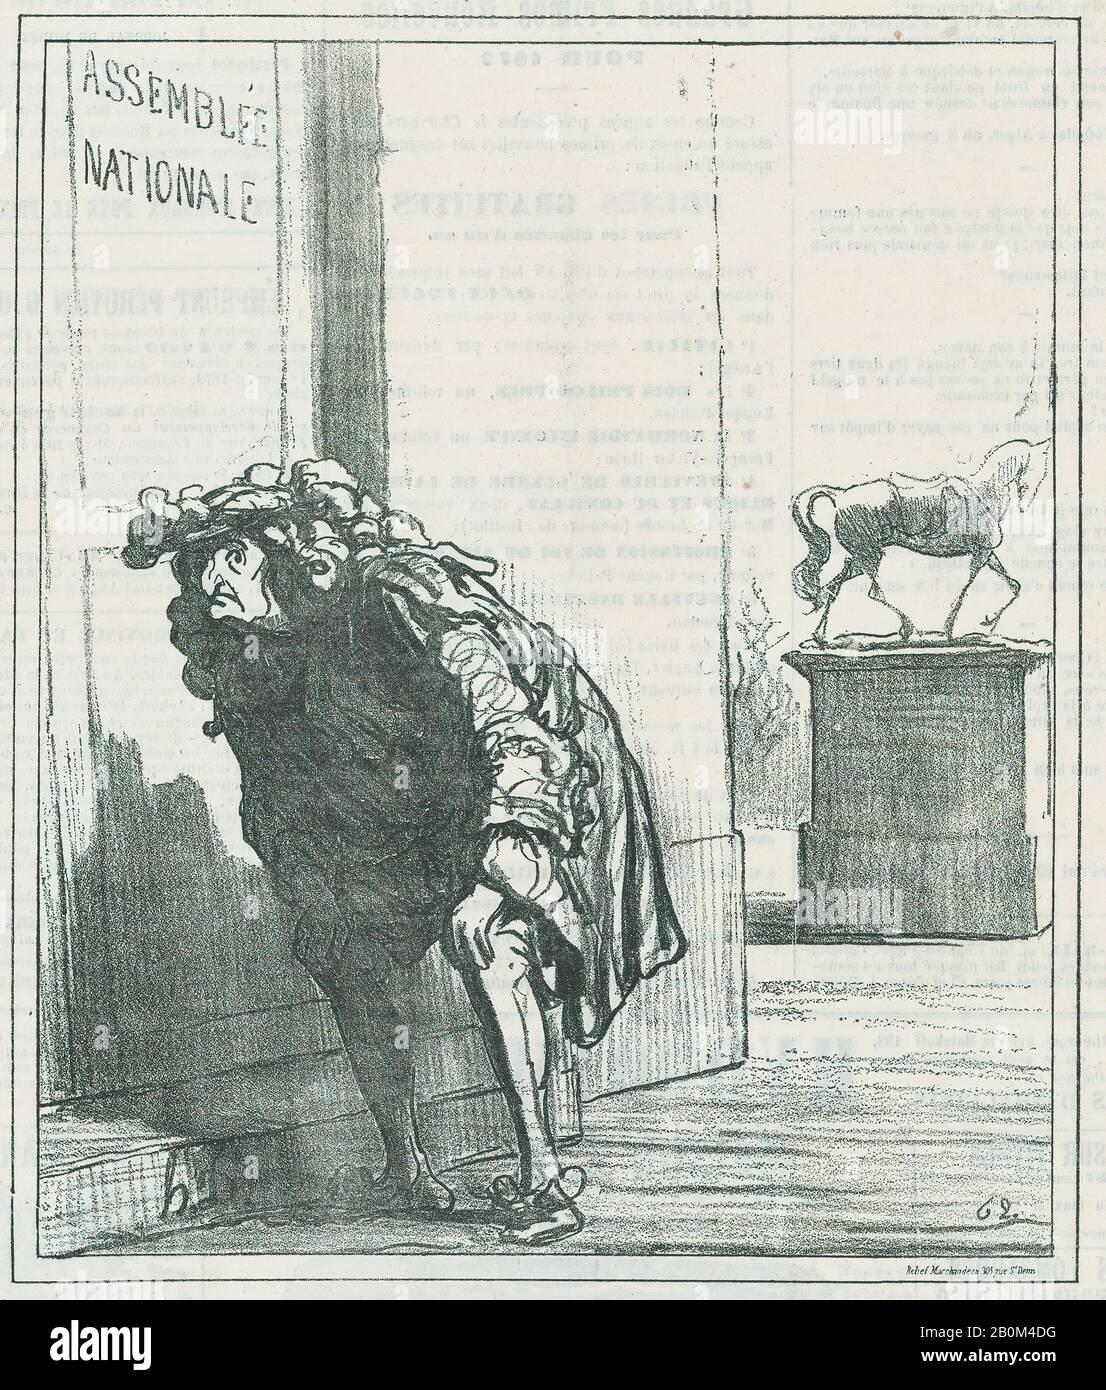 """Honoré Daumier, Louis XIV preocupado por las perspectivas de los Borbones, de """"Noticias del día"""", publicado en le Charivari, 22 de diciembre de 1871, """"Noticias del día"""" (Actualités), Honoré Daumier (francés, Marsella 1808–1879 Valmondois), Louis XIV, rey de Francia (francés, Saint-Germain-en-Versailles, periódico 1871–1715 de diciembre); Lithe, Lithprint, 22 de Versalles, 1638– ) Segundo estado de dos (Delteil), Imagen: 9 3/8 × 8 1/4 pulg. (23.8 × 20.9 cm), hoja: 11 5/8 × 11 3/4 pulg. (29.5 × 29.9 cm), copias Foto de stock"""